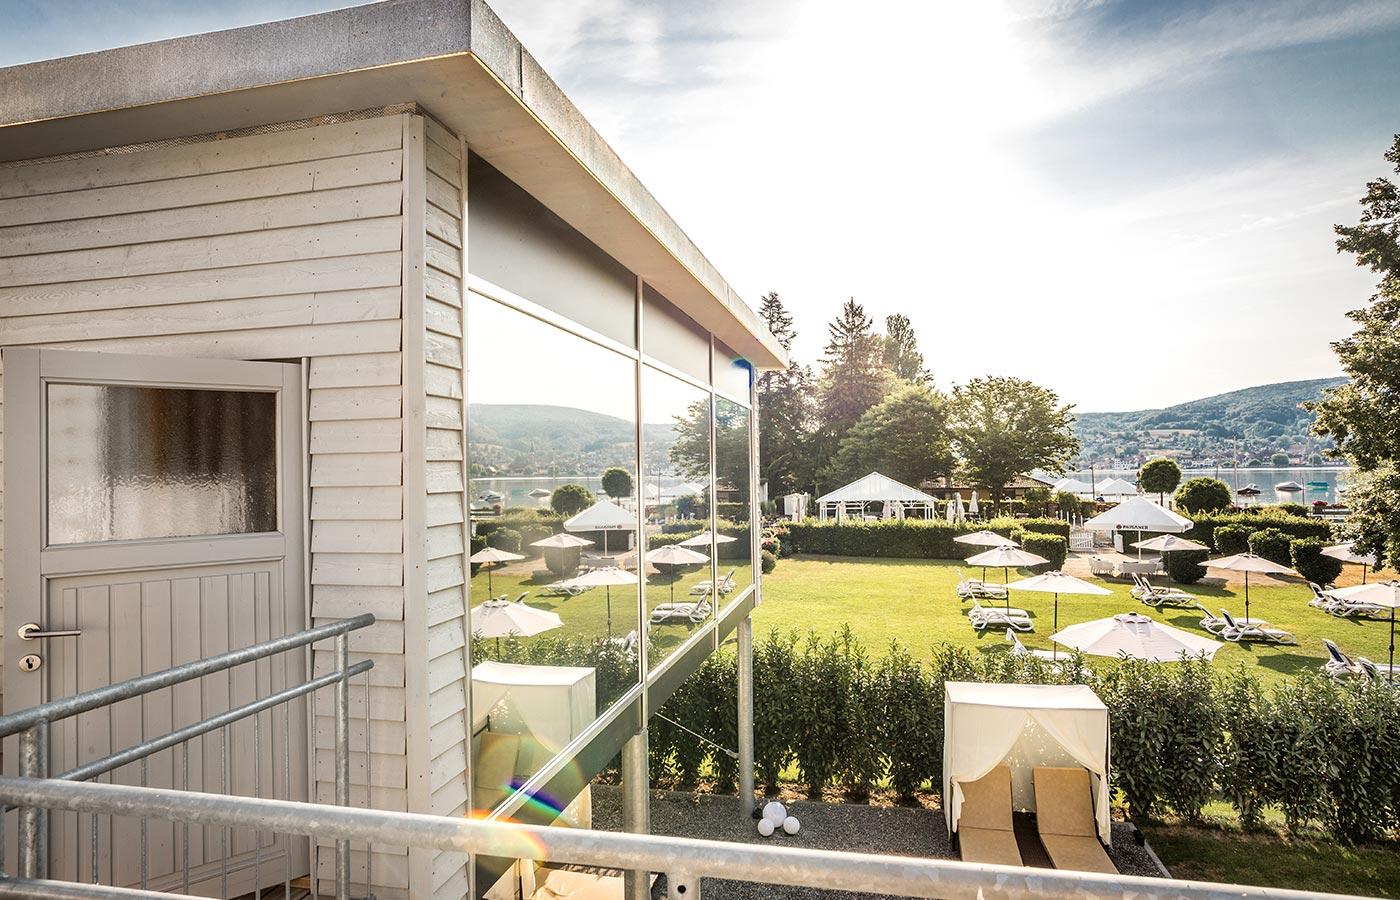 Panoramasauna und Aussenbereich zum Entspannen im See Spa am Bodensee